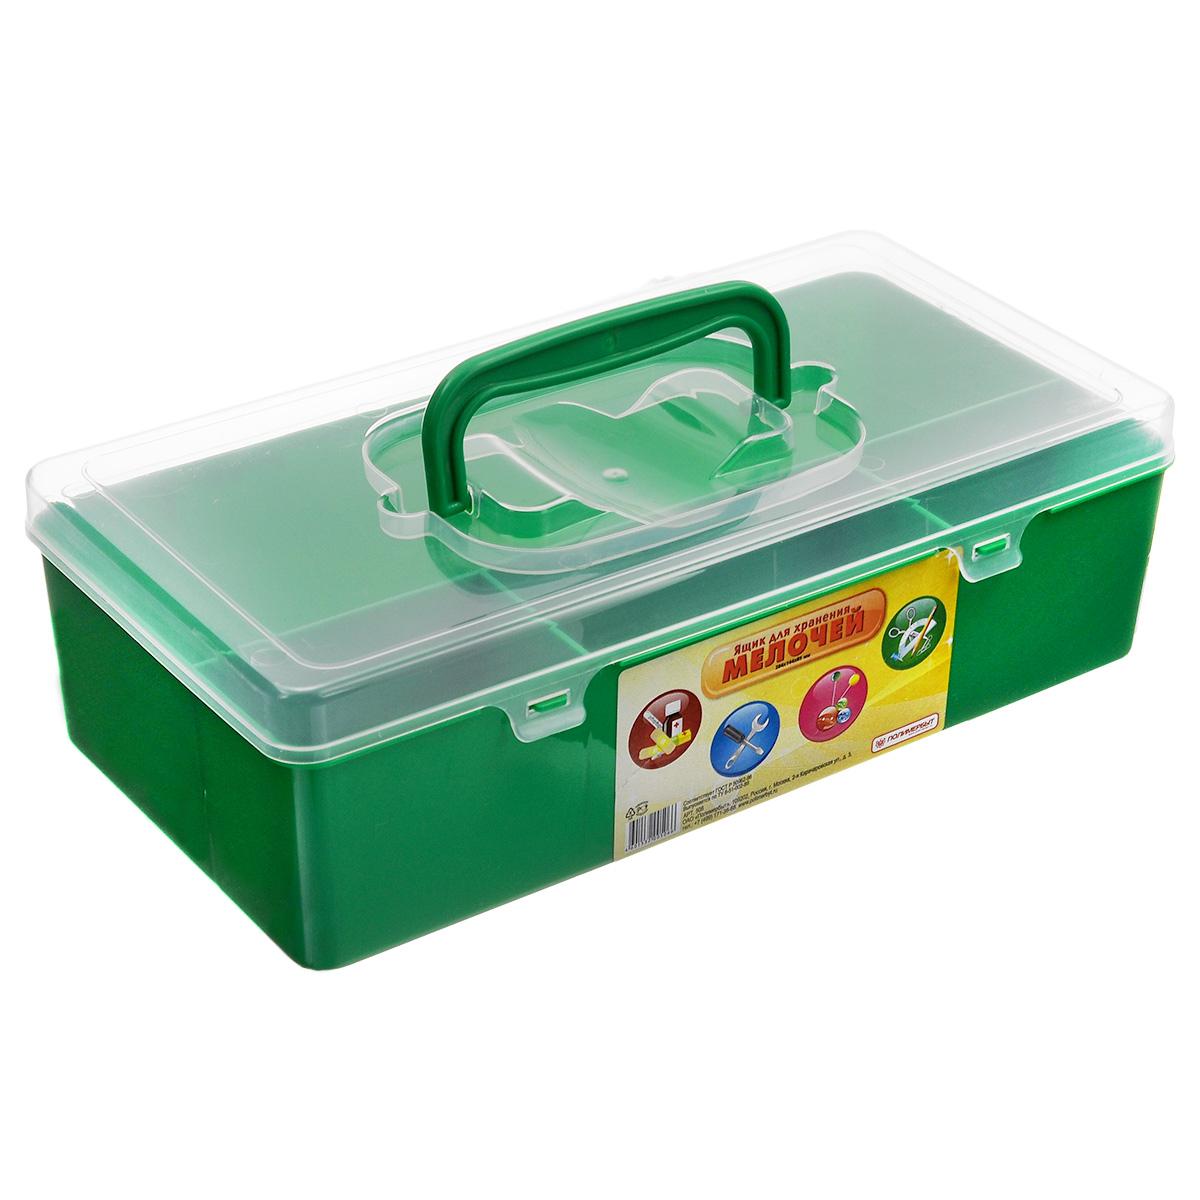 Ящик для мелочей Полимербыт, цвет: зеленый, прозрачный, 28,4 см х 14,4 см х 8,5 смС506_зеленыйЯщик Полимербыт, выполненный из прочного пластика, предназначен для хранения различных мелких вещей. Внутри имеются 4 отделения различных размеров: большое, среднее и два маленьких. Ящик закрывается при помощи прозрачной крышки, на которой расположена удобная ручка для переноски. Ящик Полимербыт поможет хранить все в одном месте, а также защитит вещи от пыли, грязи и влаги.Размеры отделений:Размер большого отделения: 28,4 см х 9 см х 8,5 см; Размер среднего отделения: 11,3 см х 4,7 см х 8,5 см; Размер малого отделения: 8 см х 4,7 см х 8,5 см.